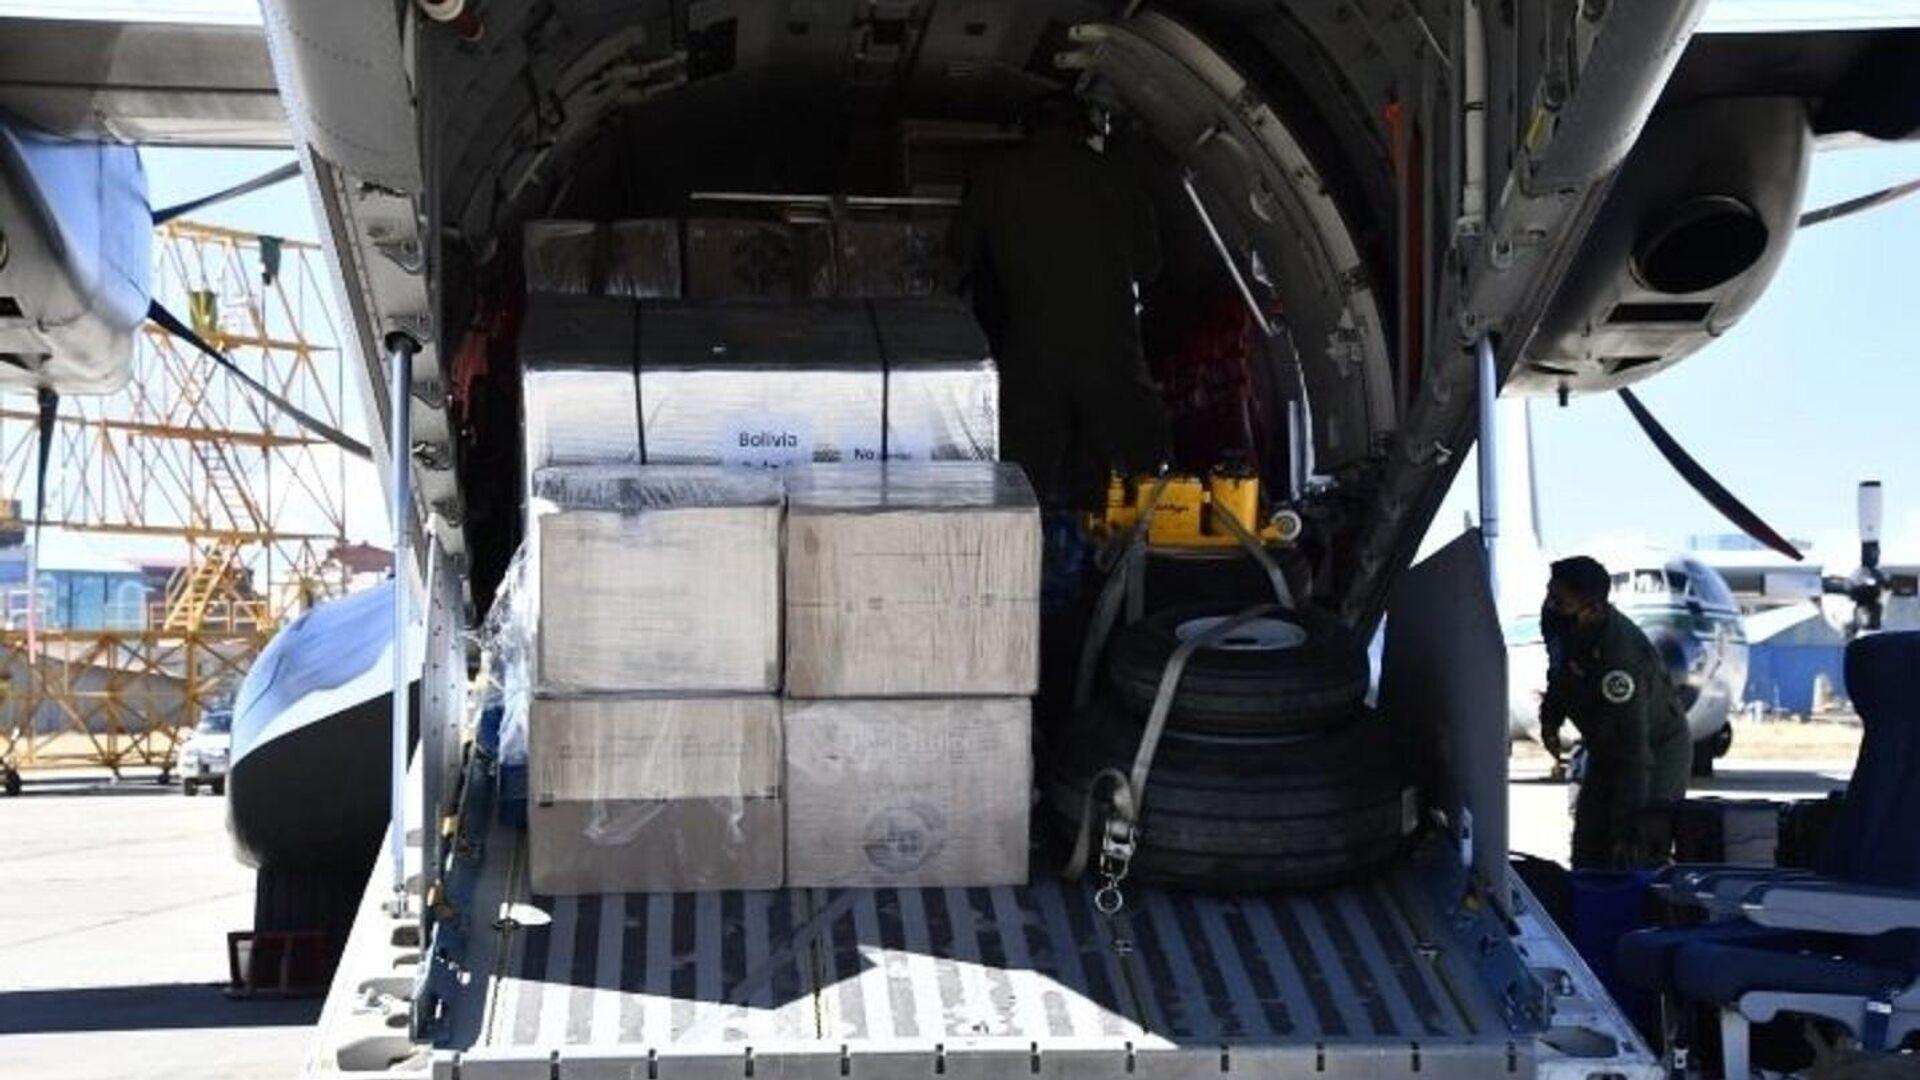 Llegada a Bolivia de 150.000 dosis de la vacuna anticovid AstraZenec donadas por México - Sputnik Mundo, 1920, 14.06.2021